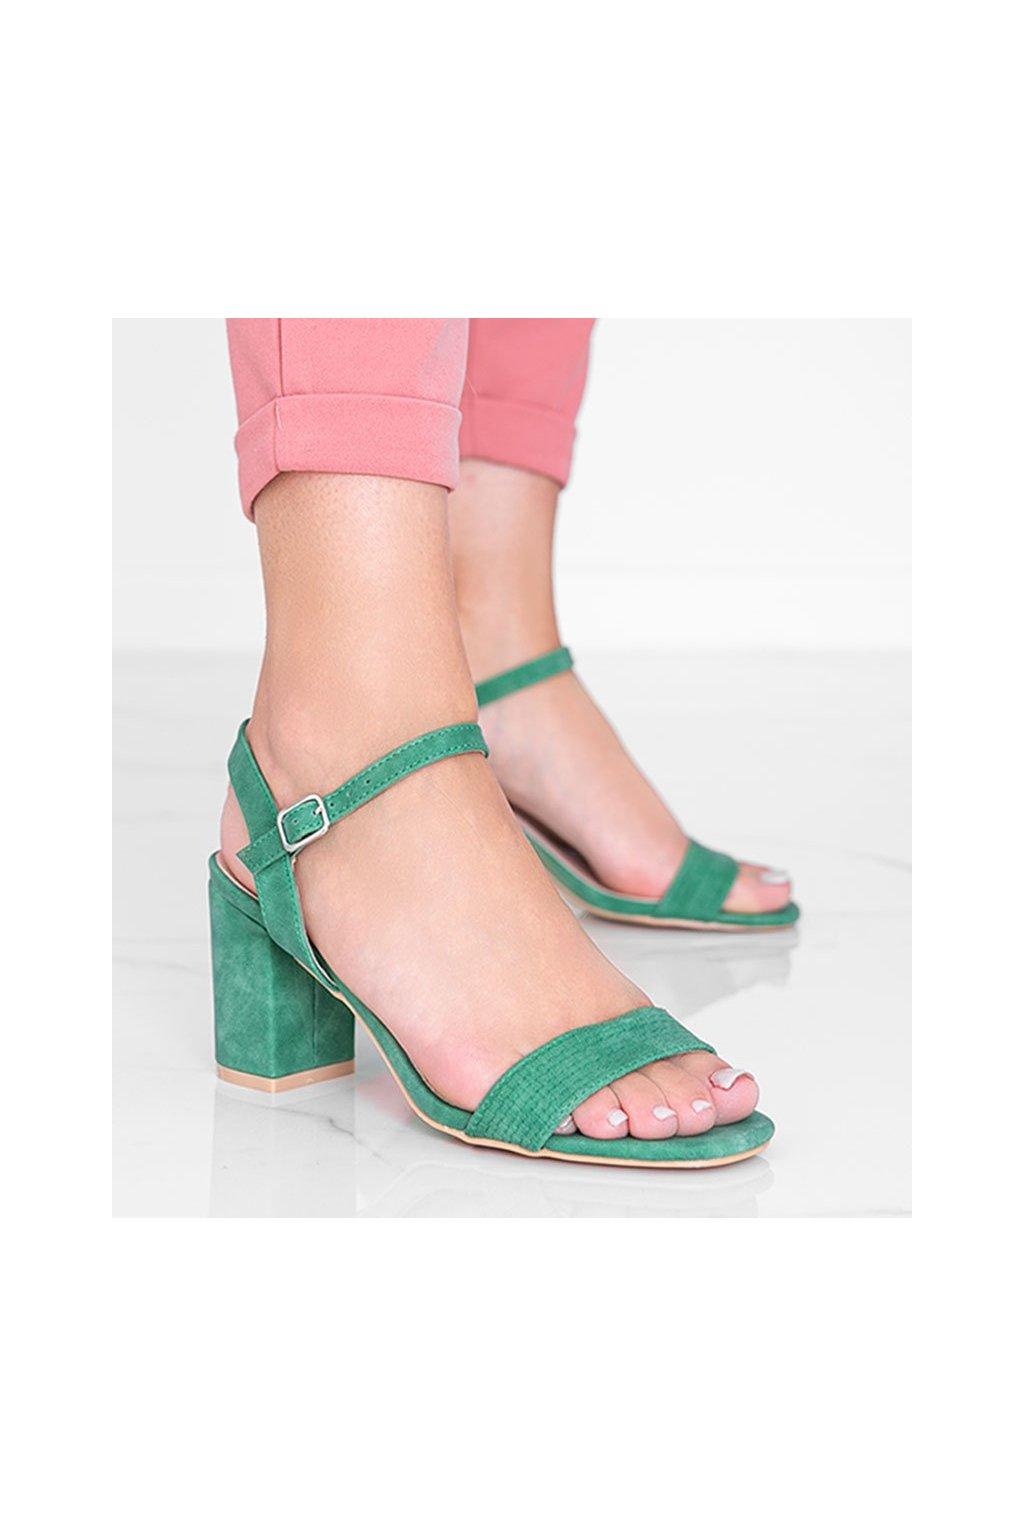 Dámske topánky sandále zelené kód 8158 - GM